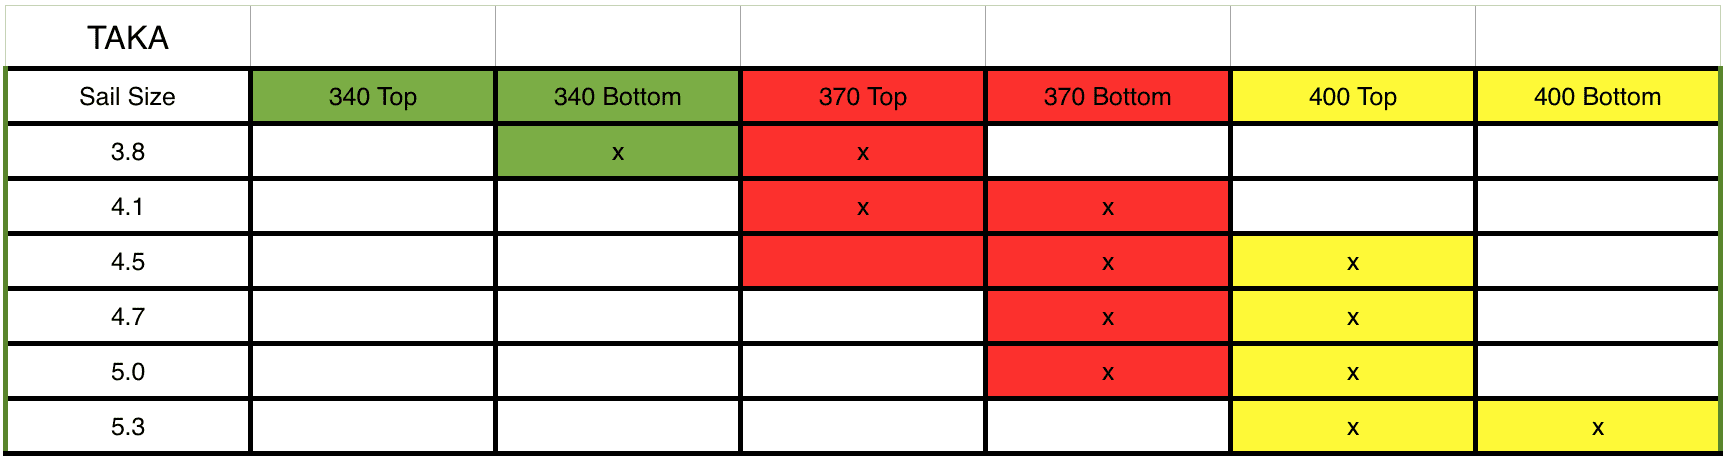 Taka 5 Mix-Match Mast Chart